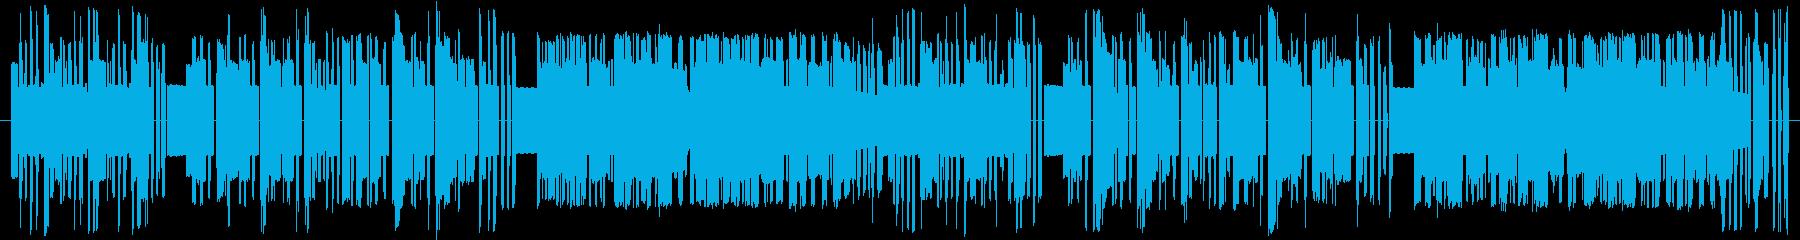 8bit風サンバBGMの再生済みの波形